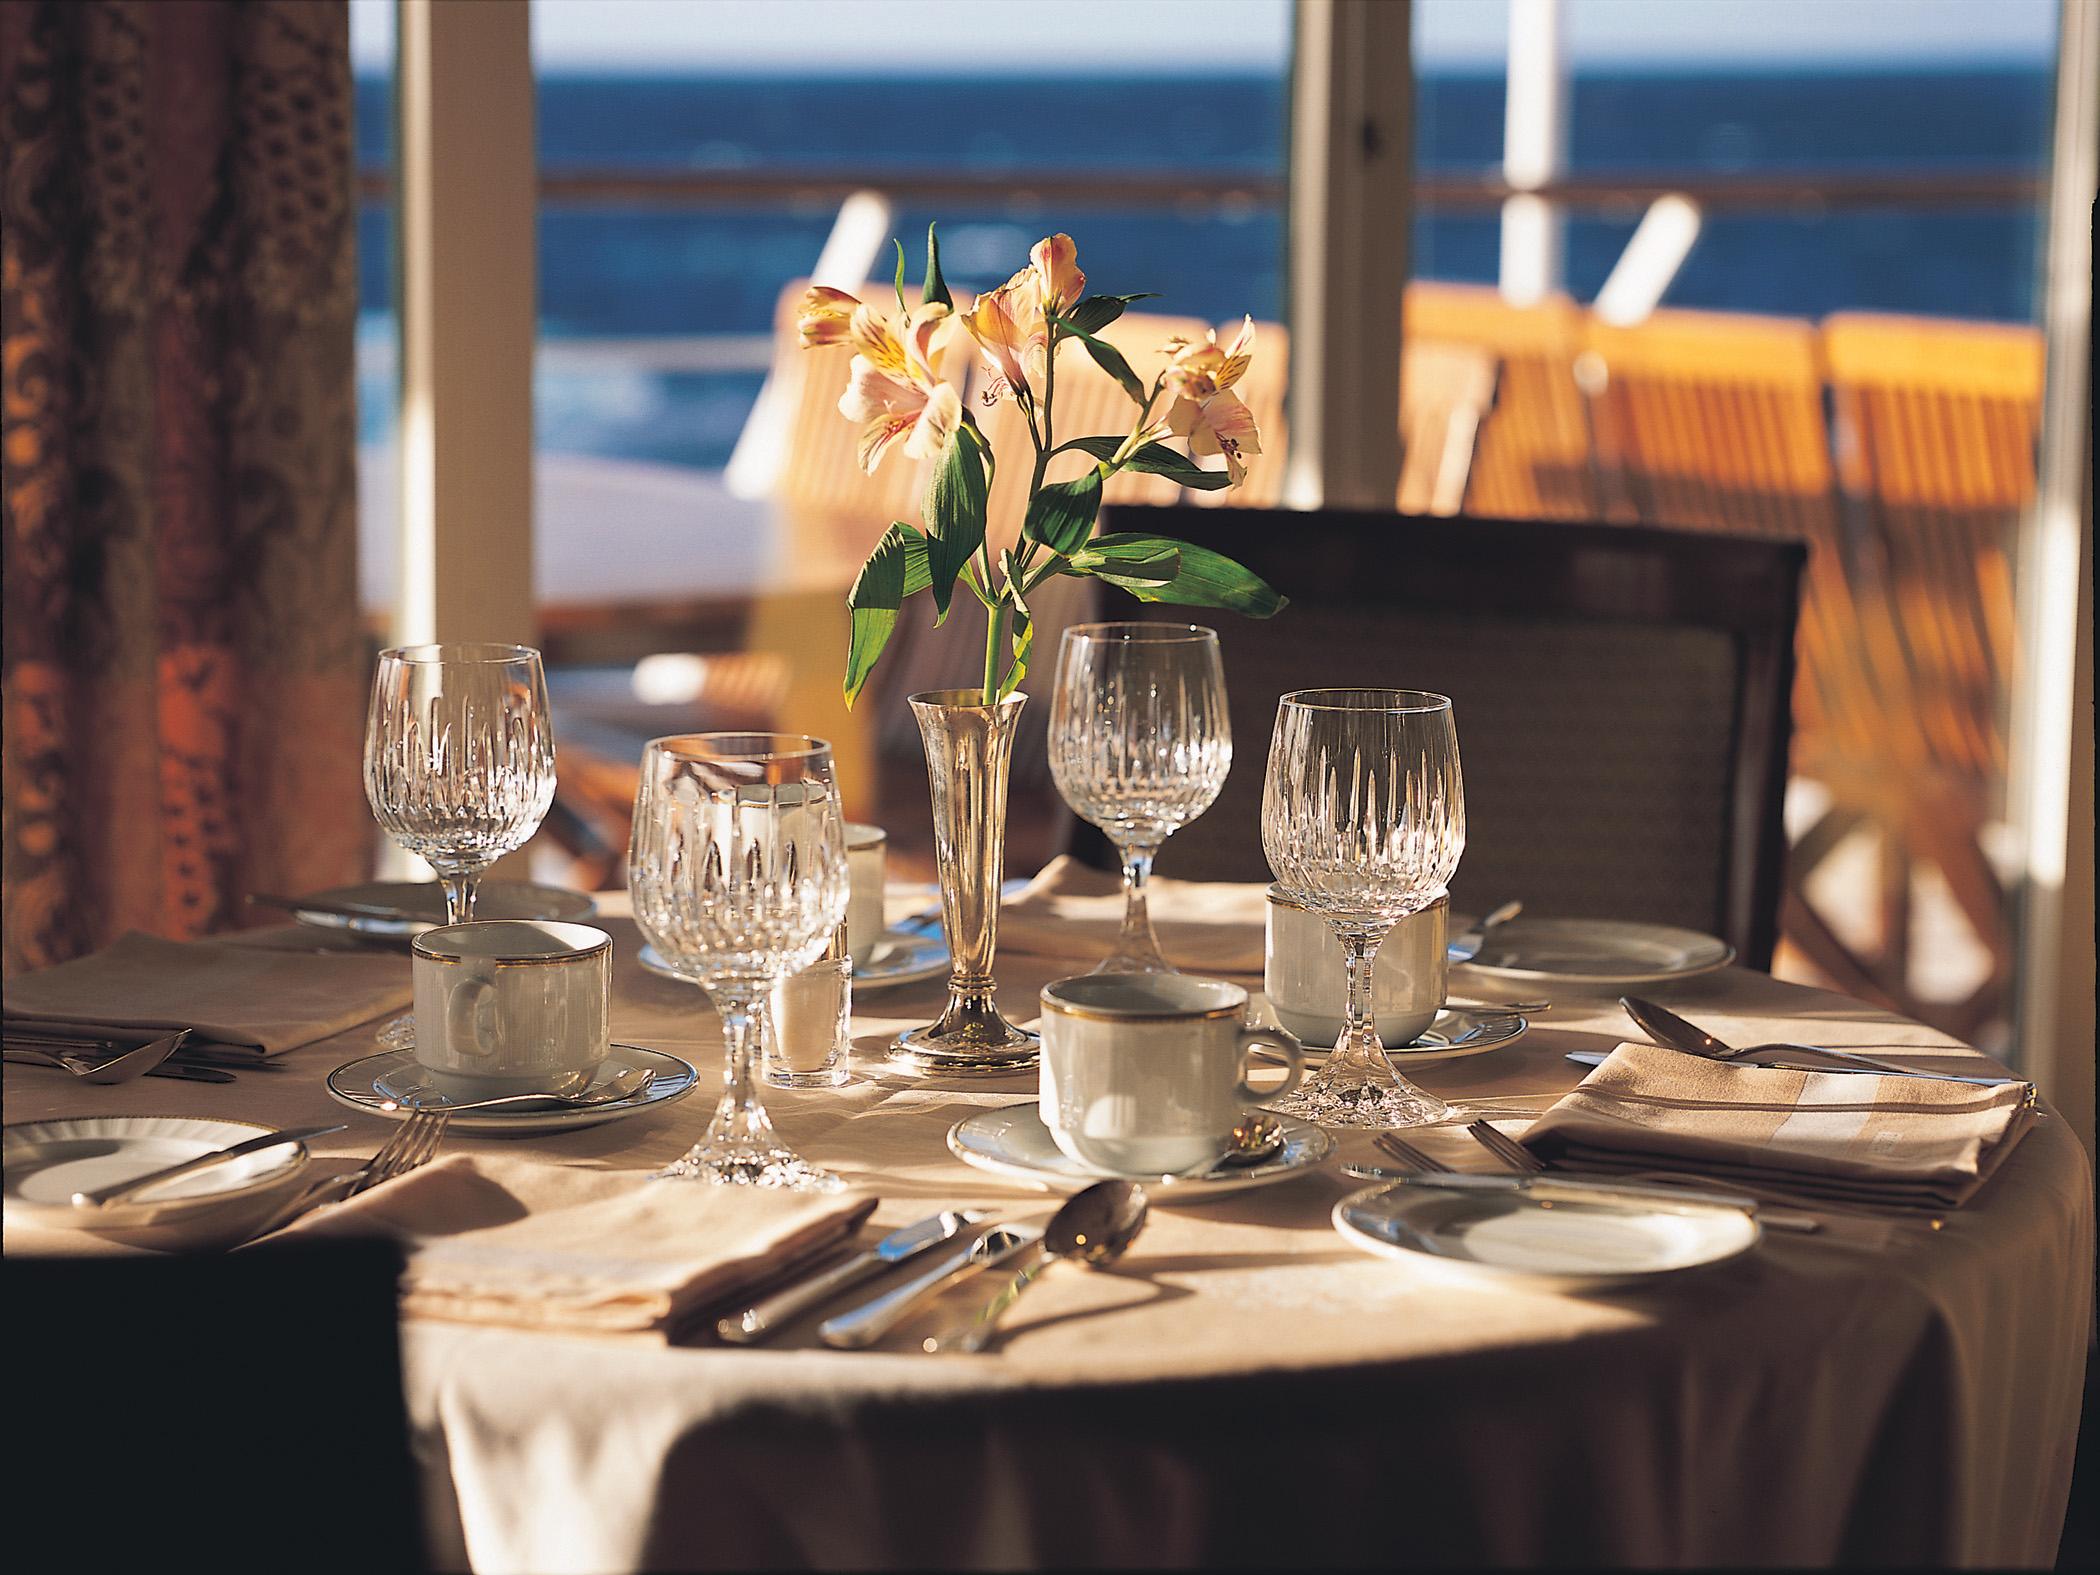 сервированный стол в ресторане